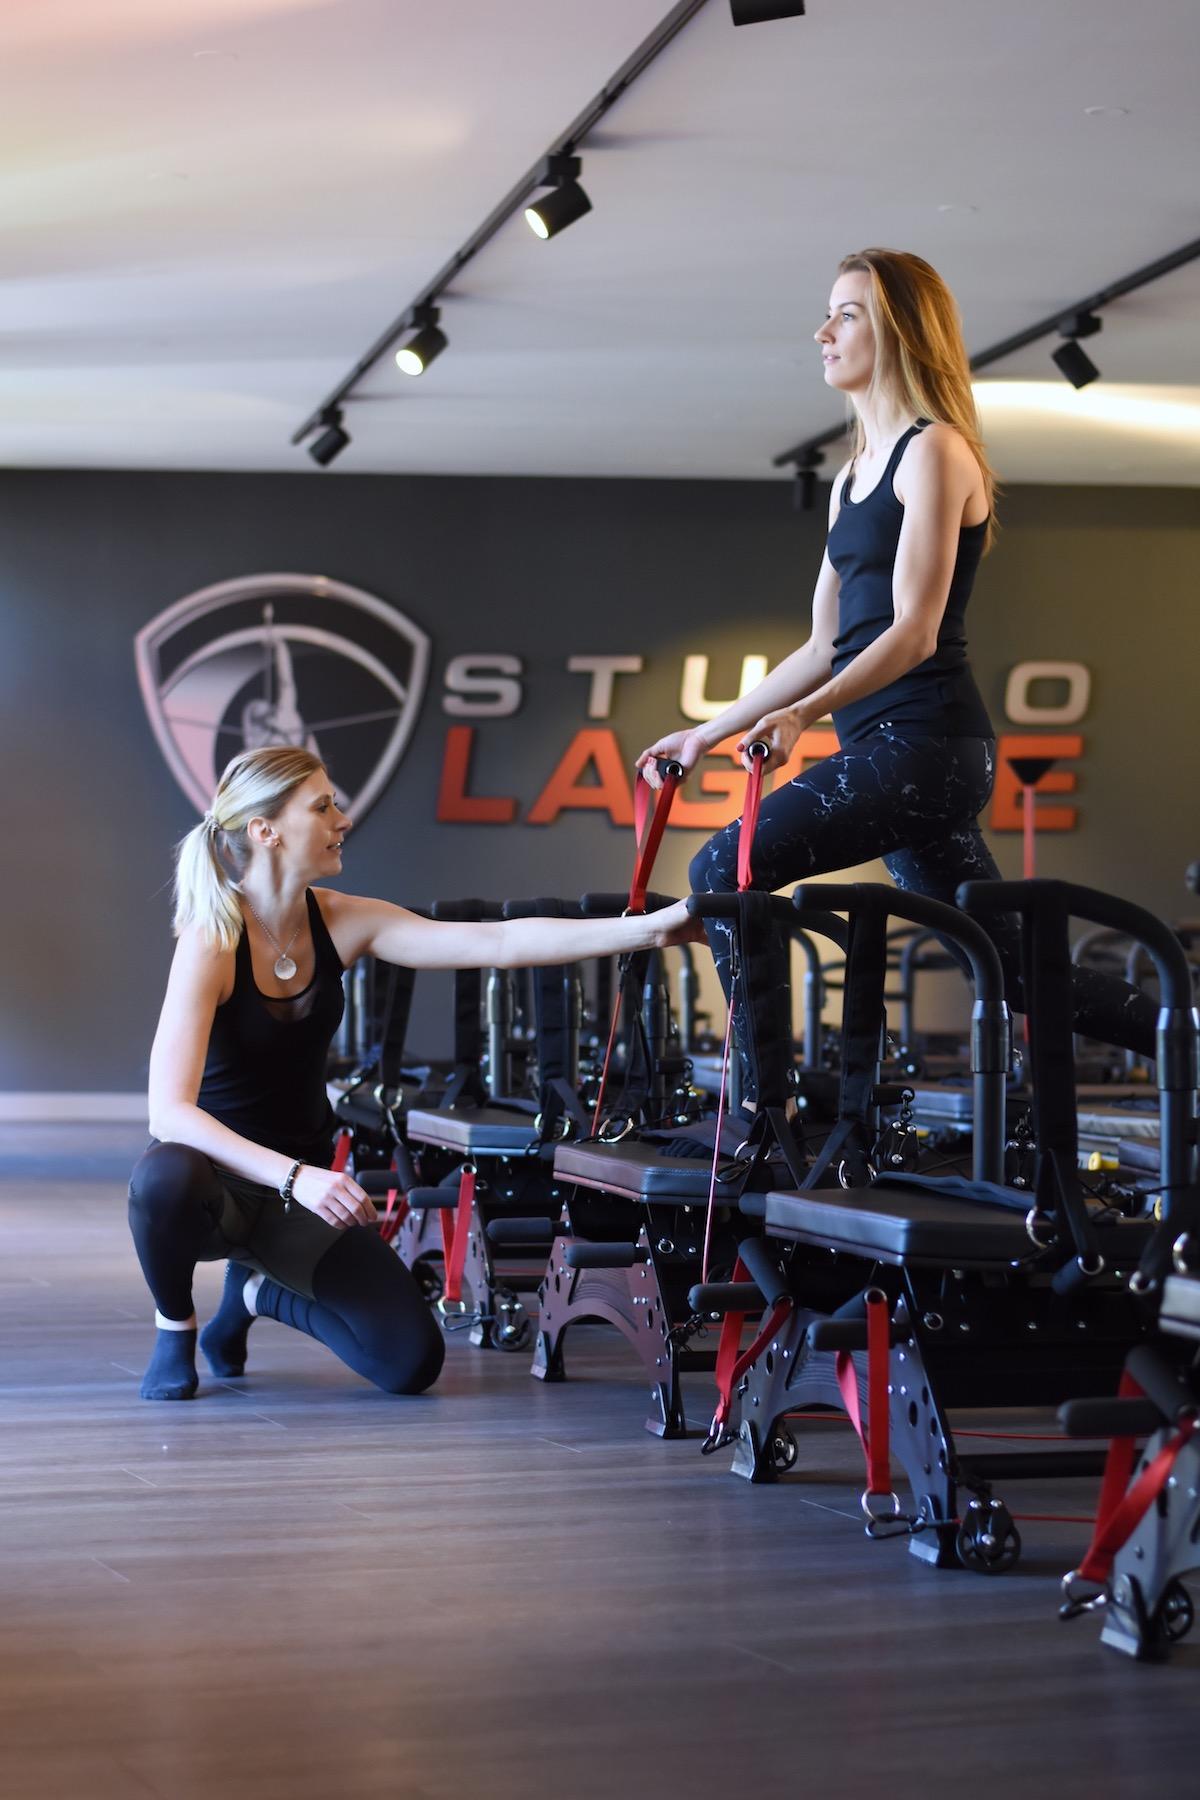 Studio Lagree München - ganzheitliches Fitnesstraining | Interview Korrektur bei den Übungen